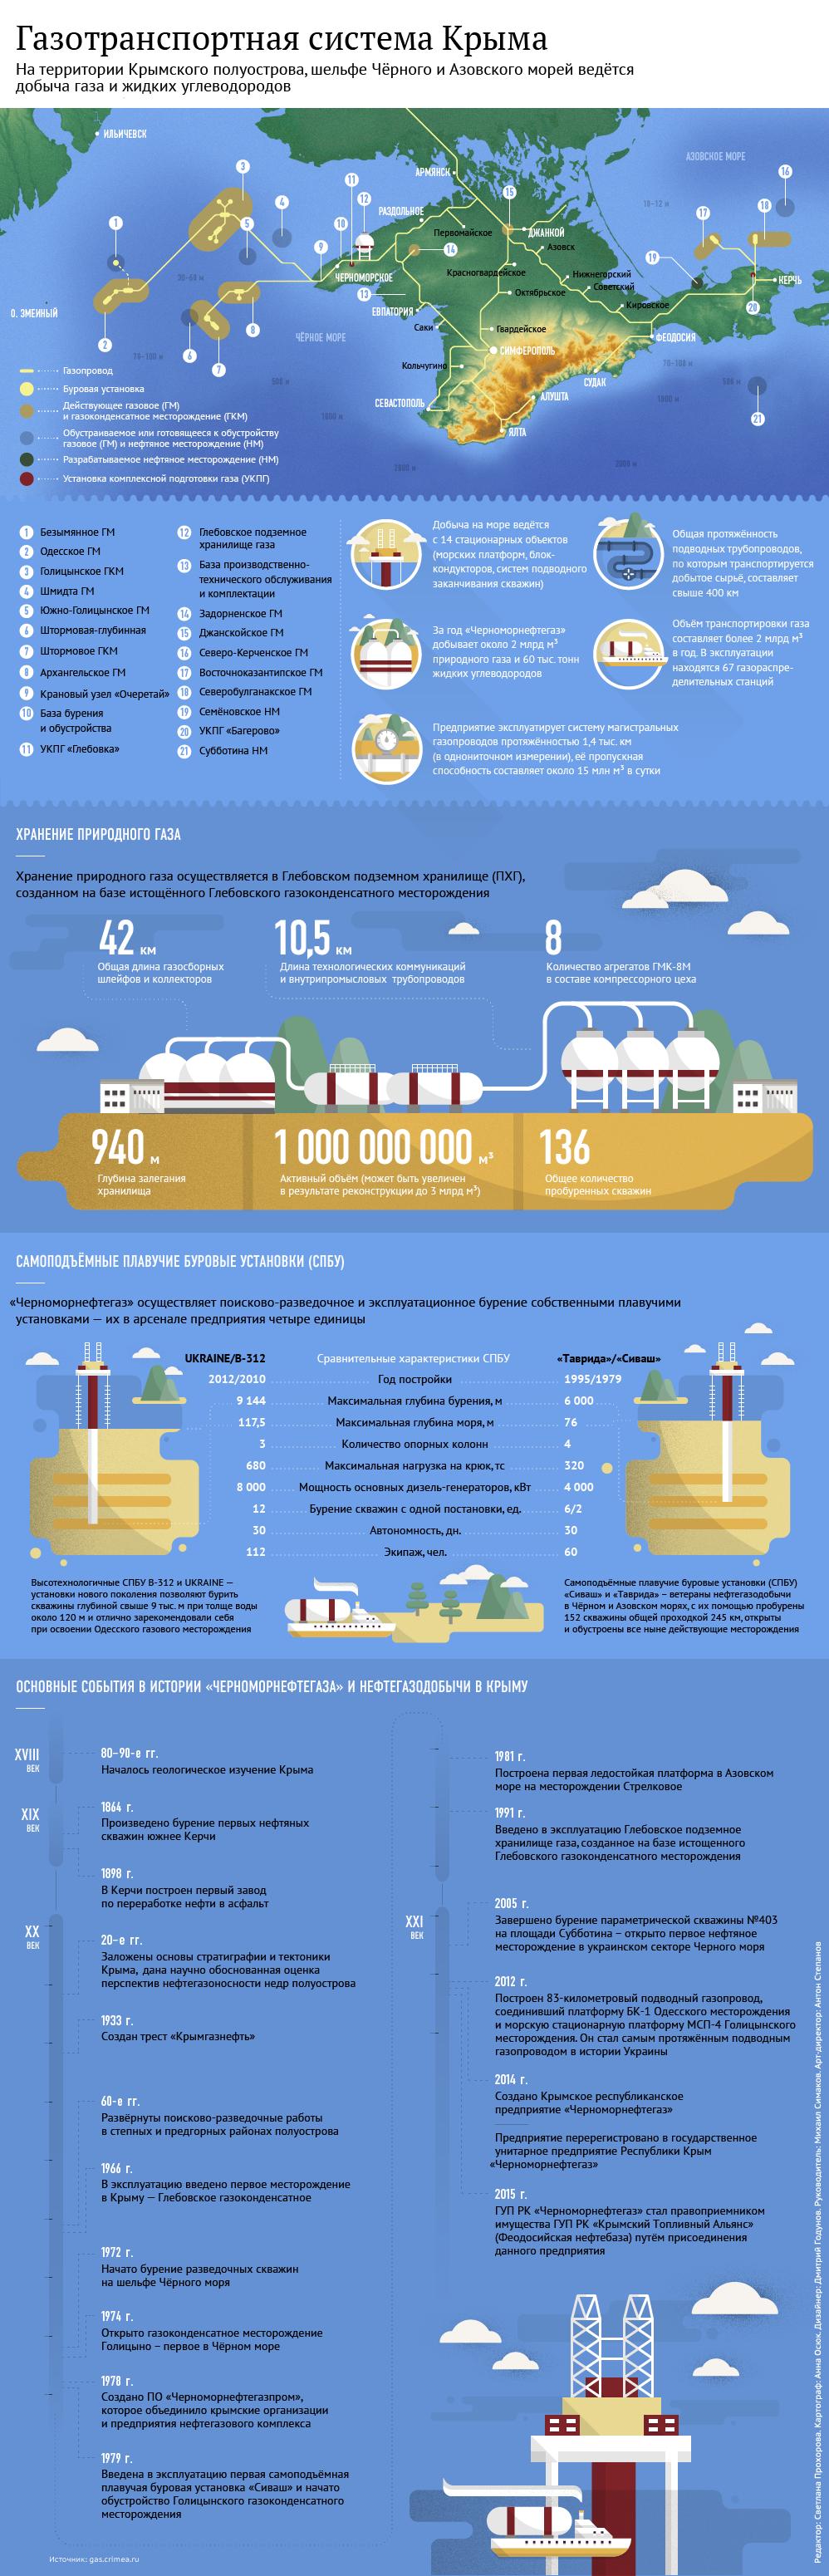 Газотранспортная система Крыма